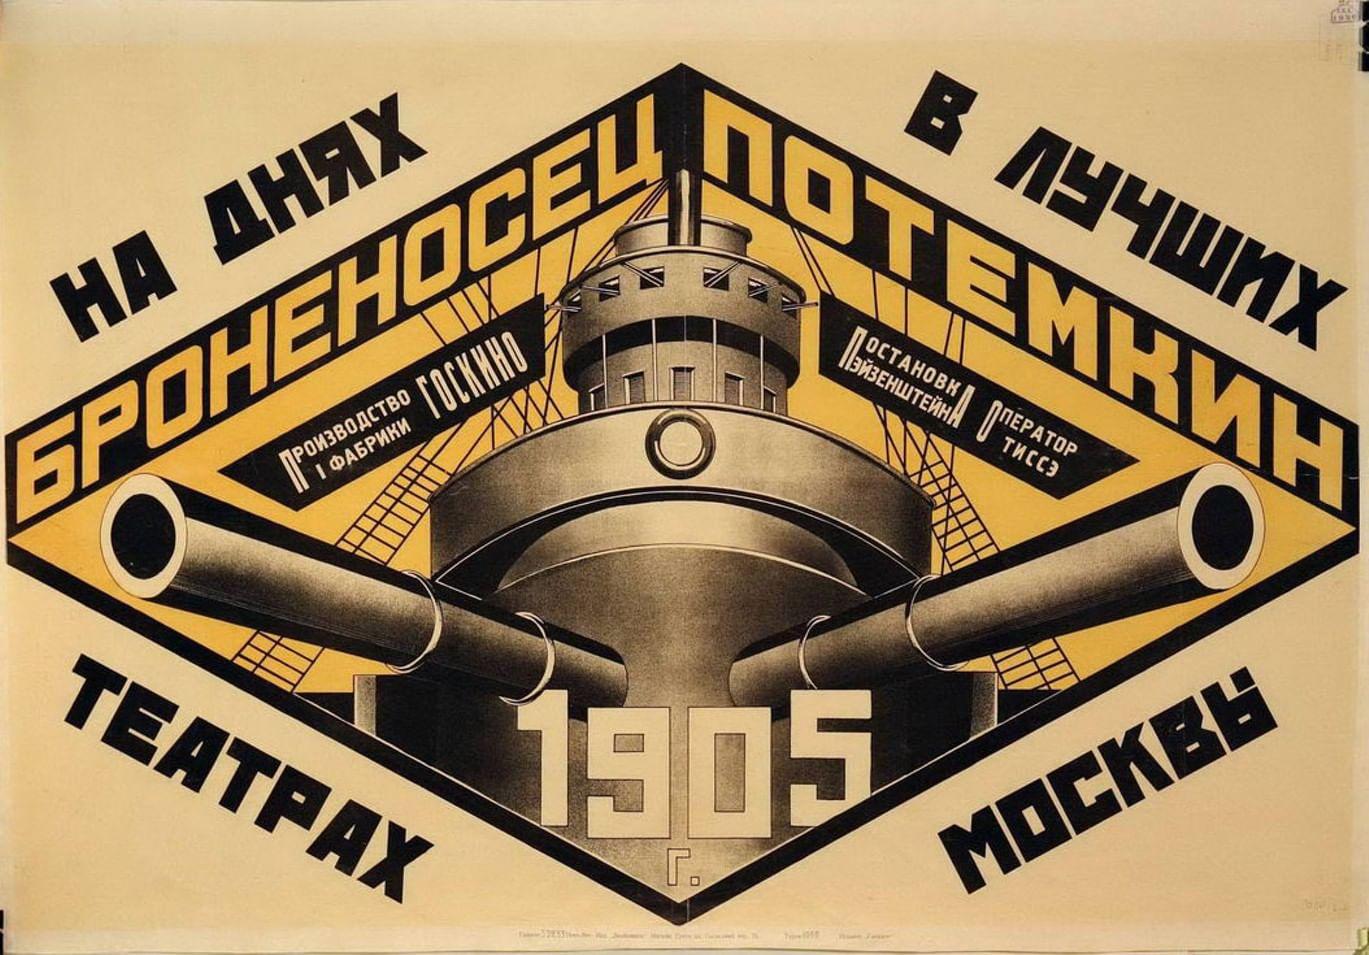 Пушки и русское искусство. Галерея 7. Искусство нового мира